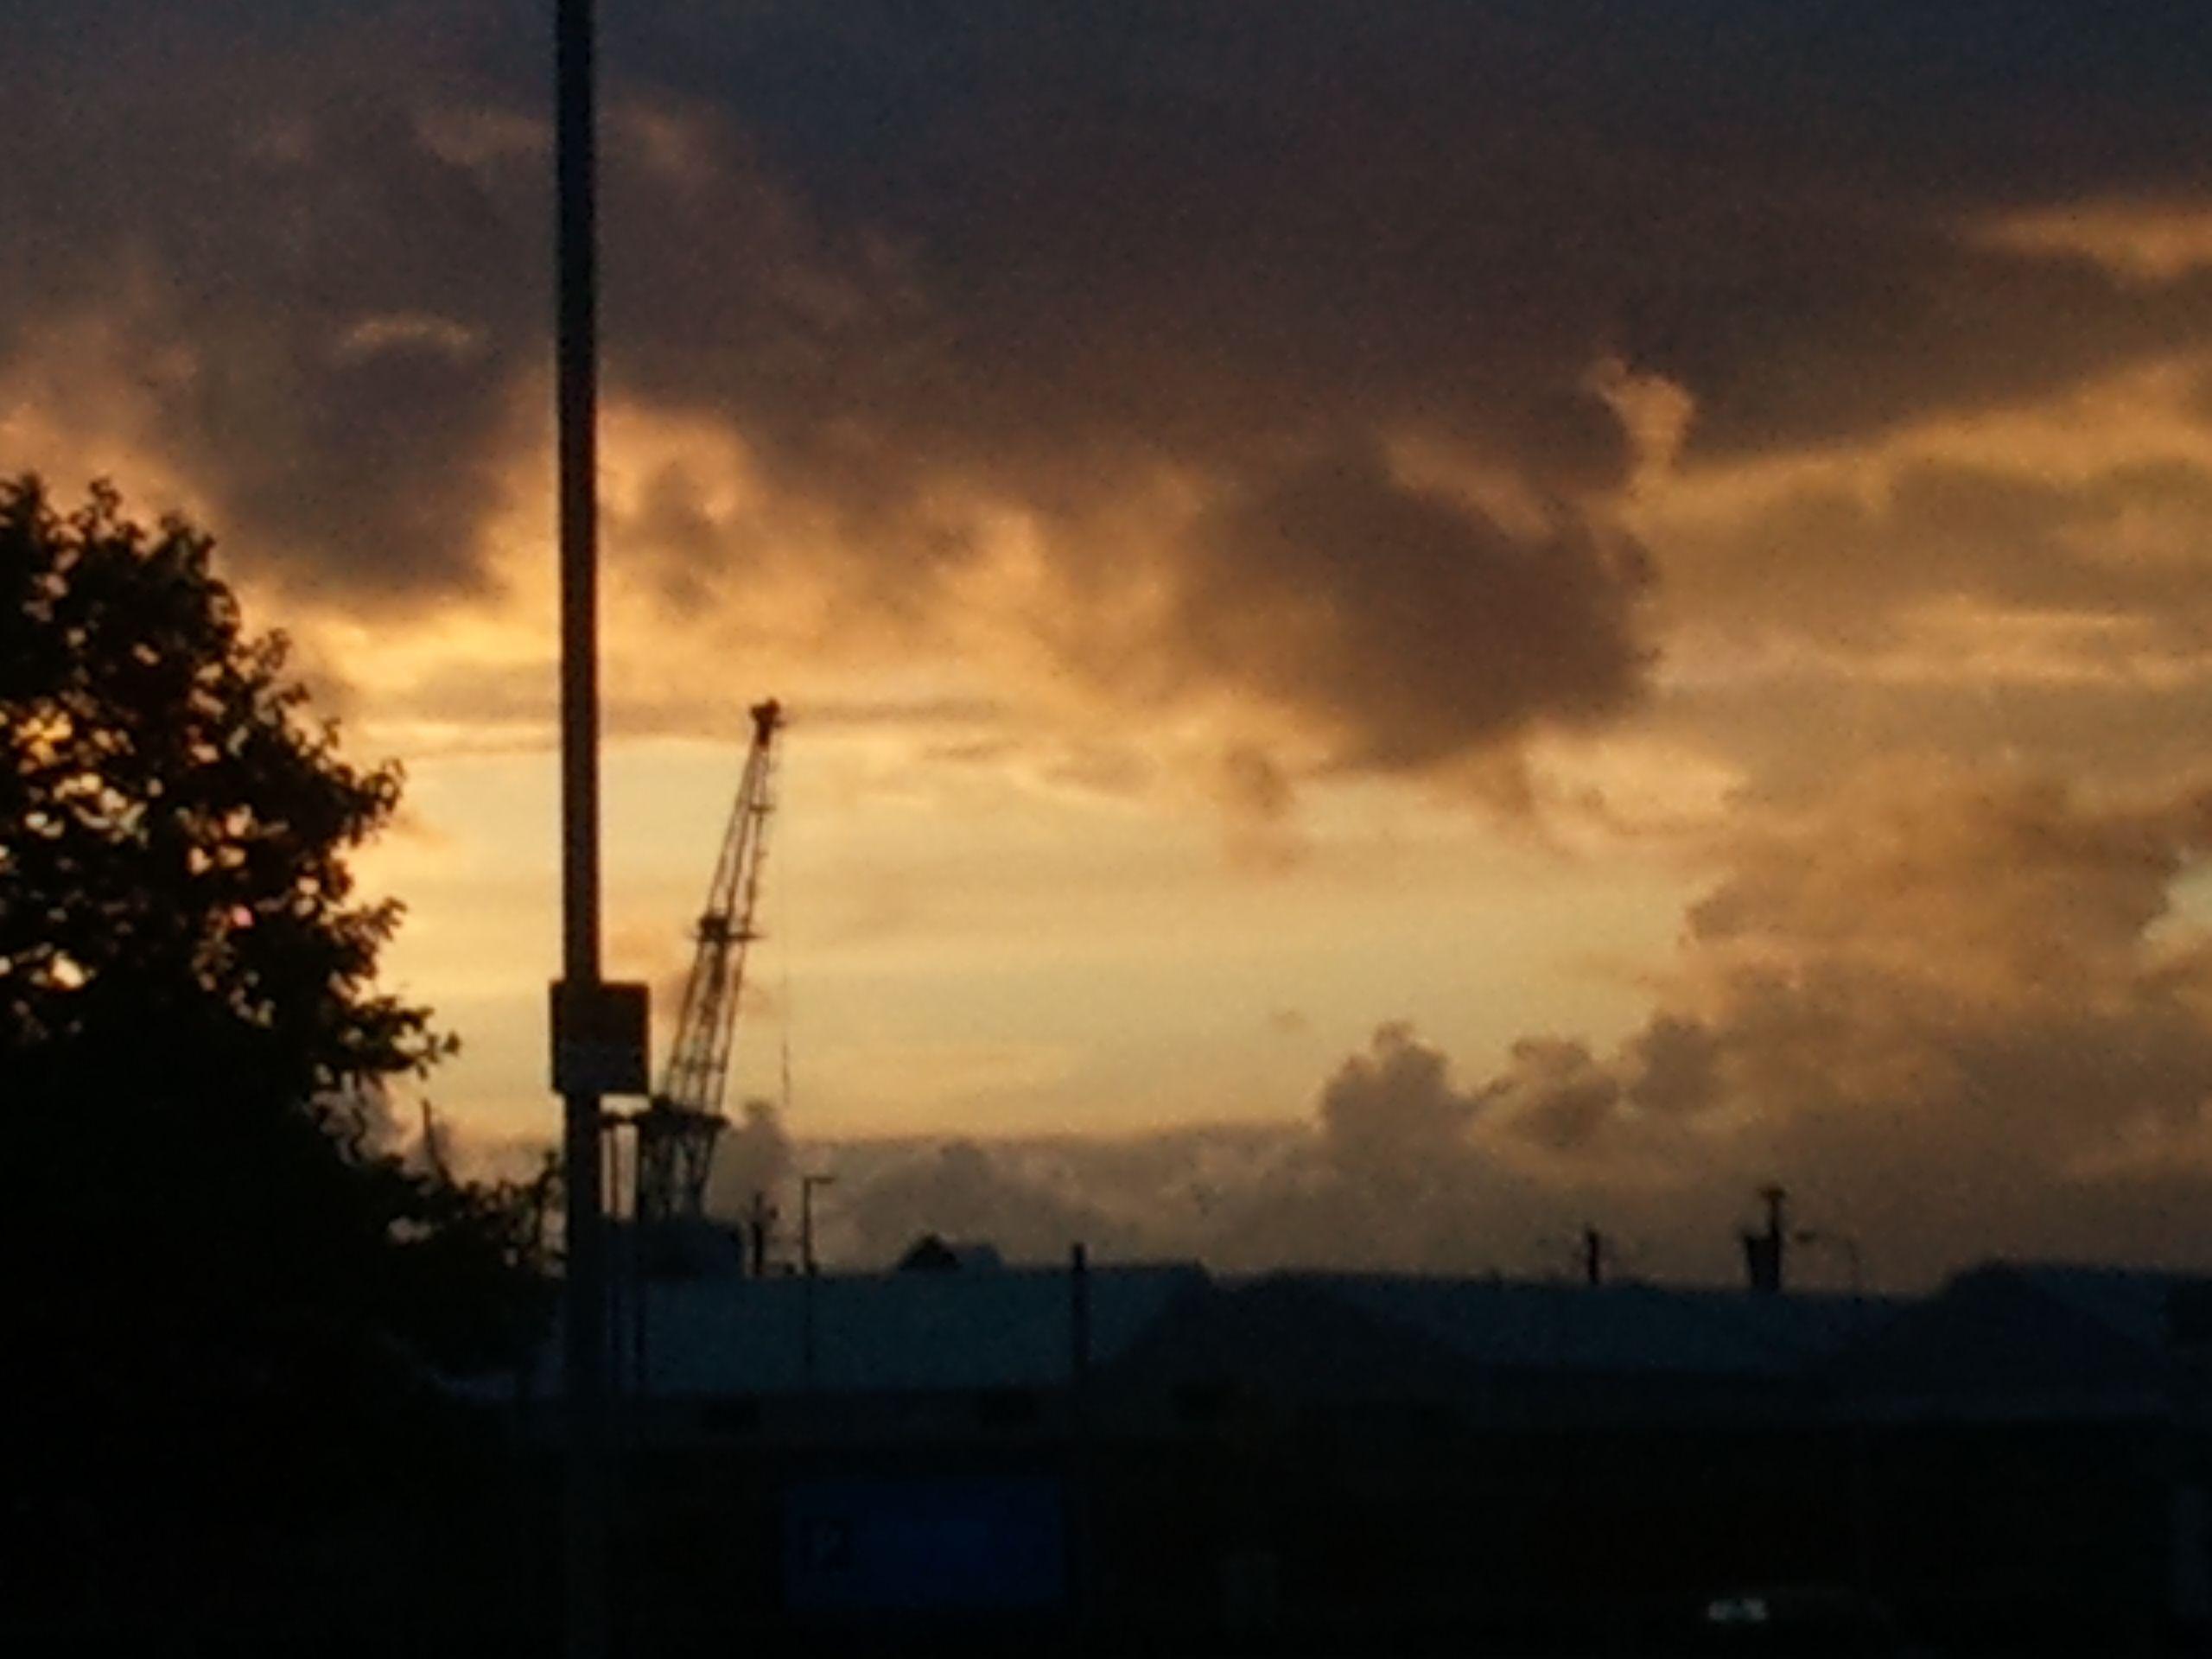 I love clouds.